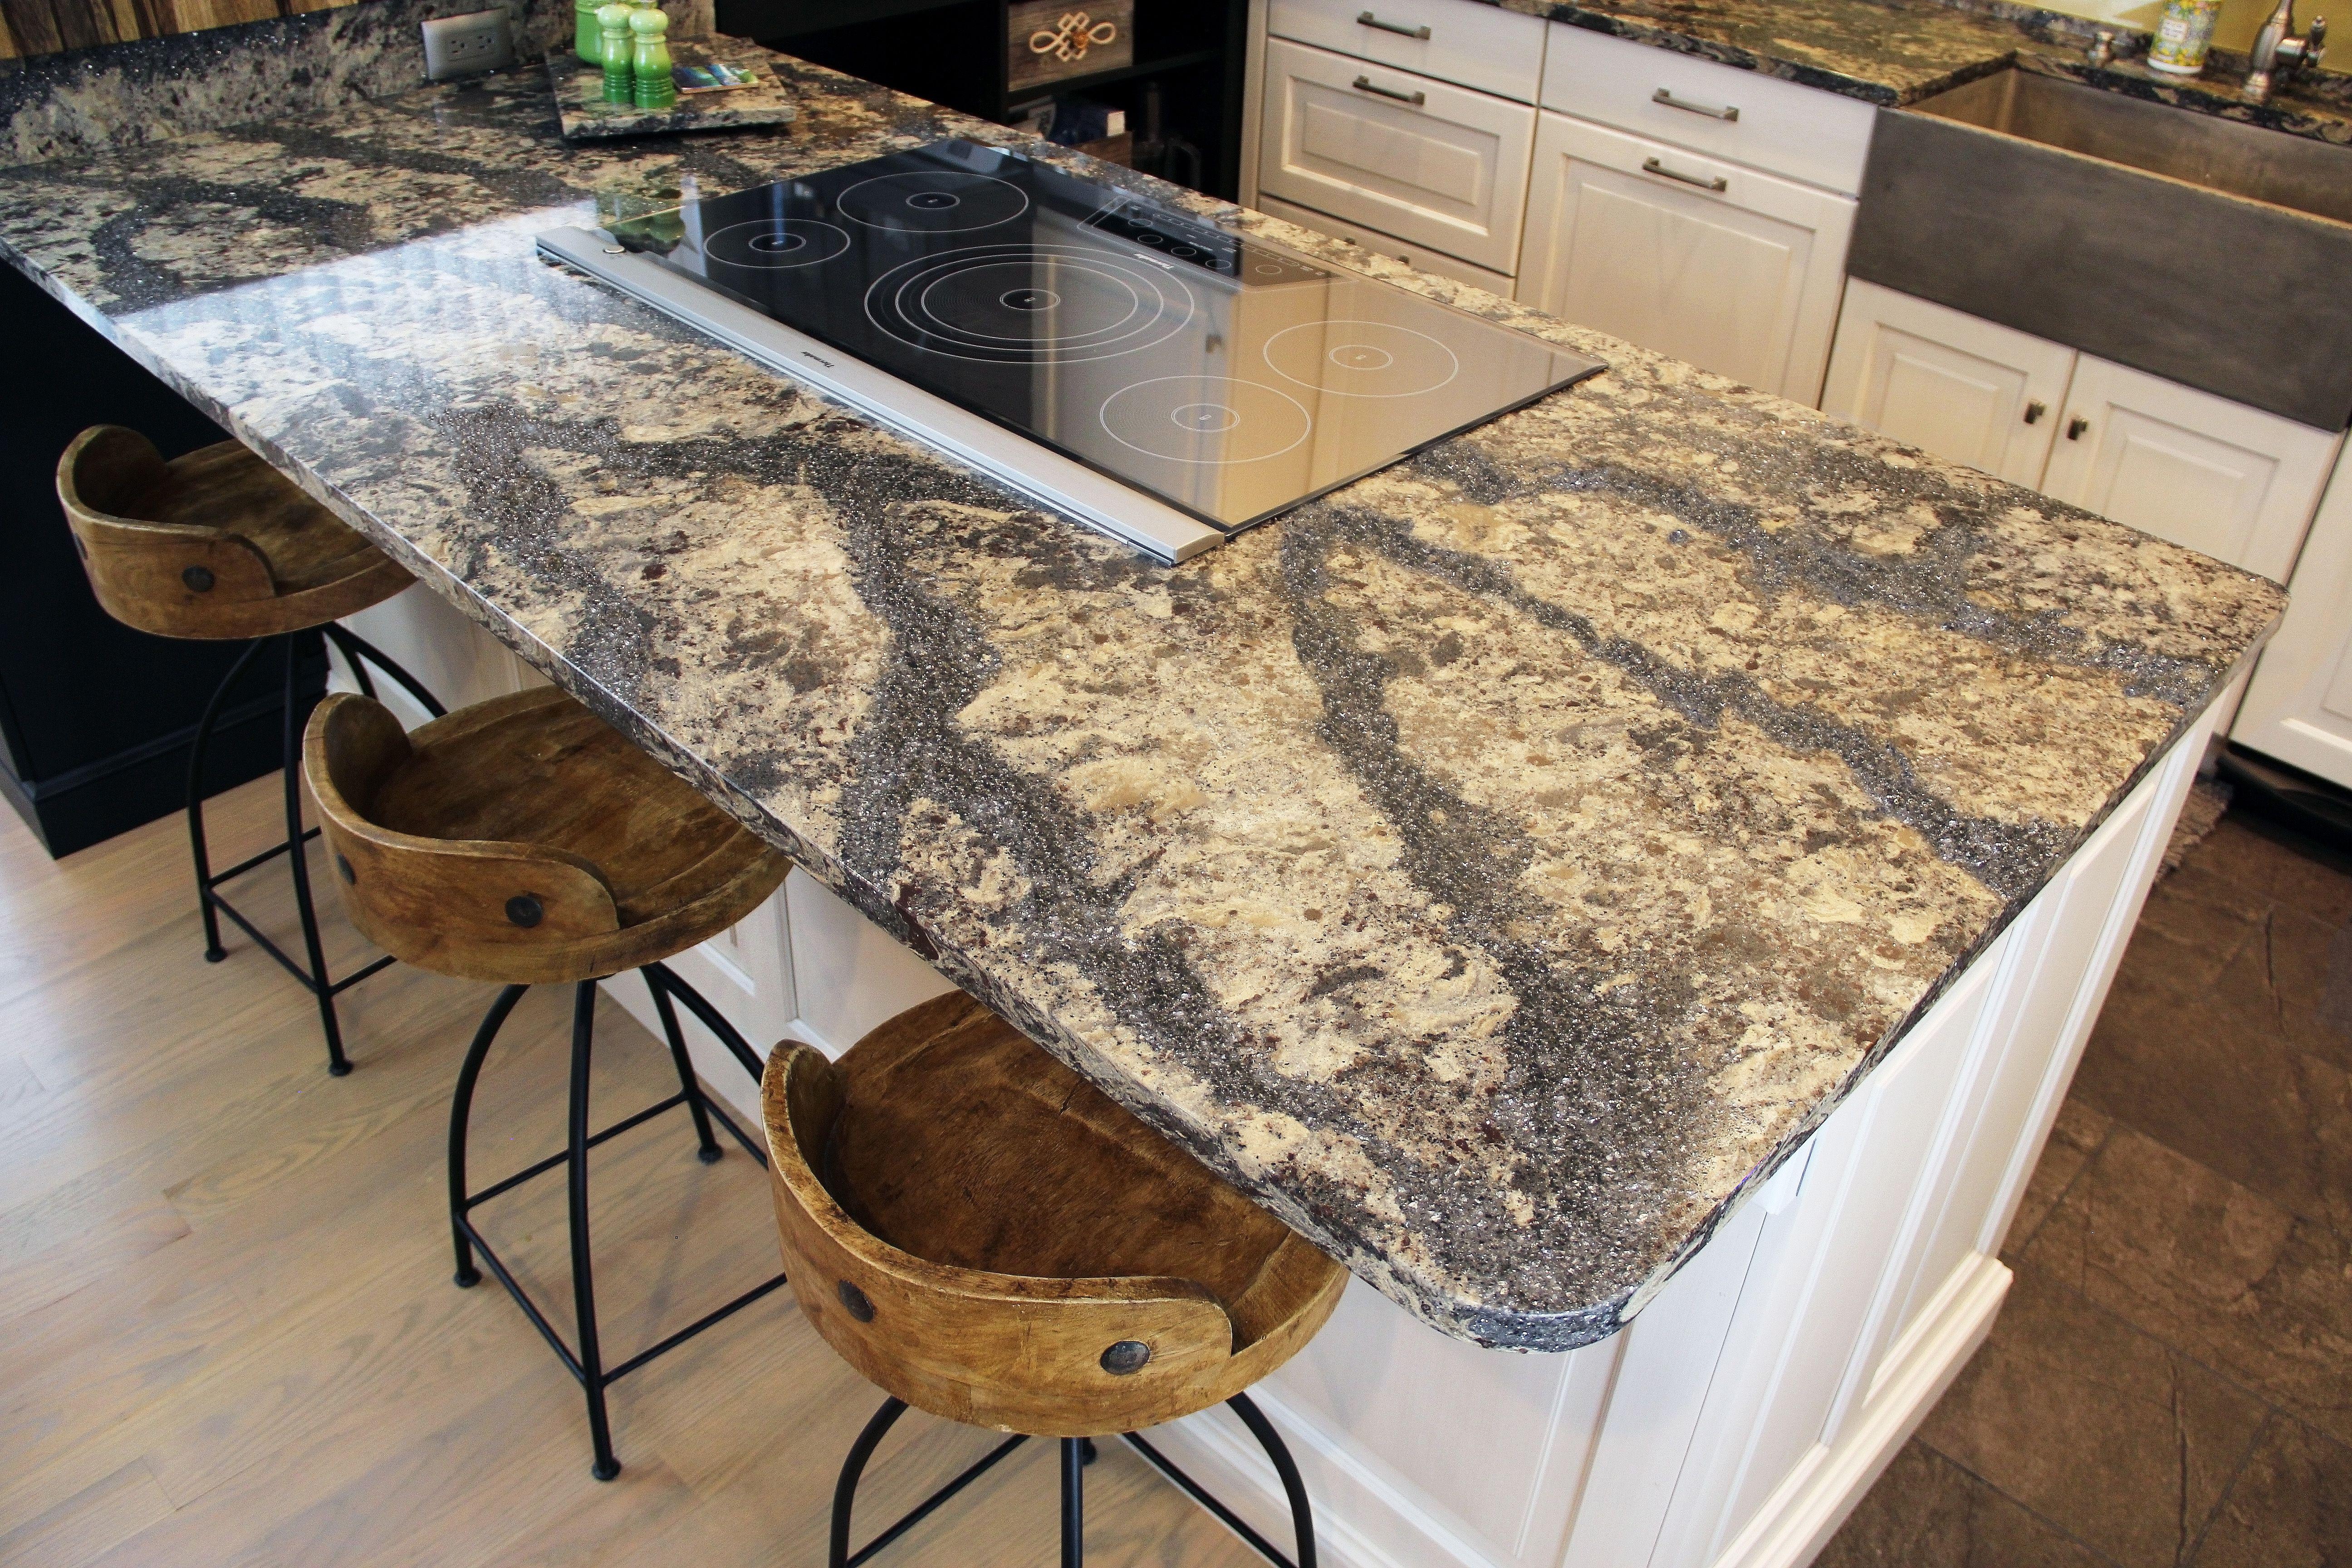 Beautiful Cambria Quartz Countertop In A Rustic Style Kitchen